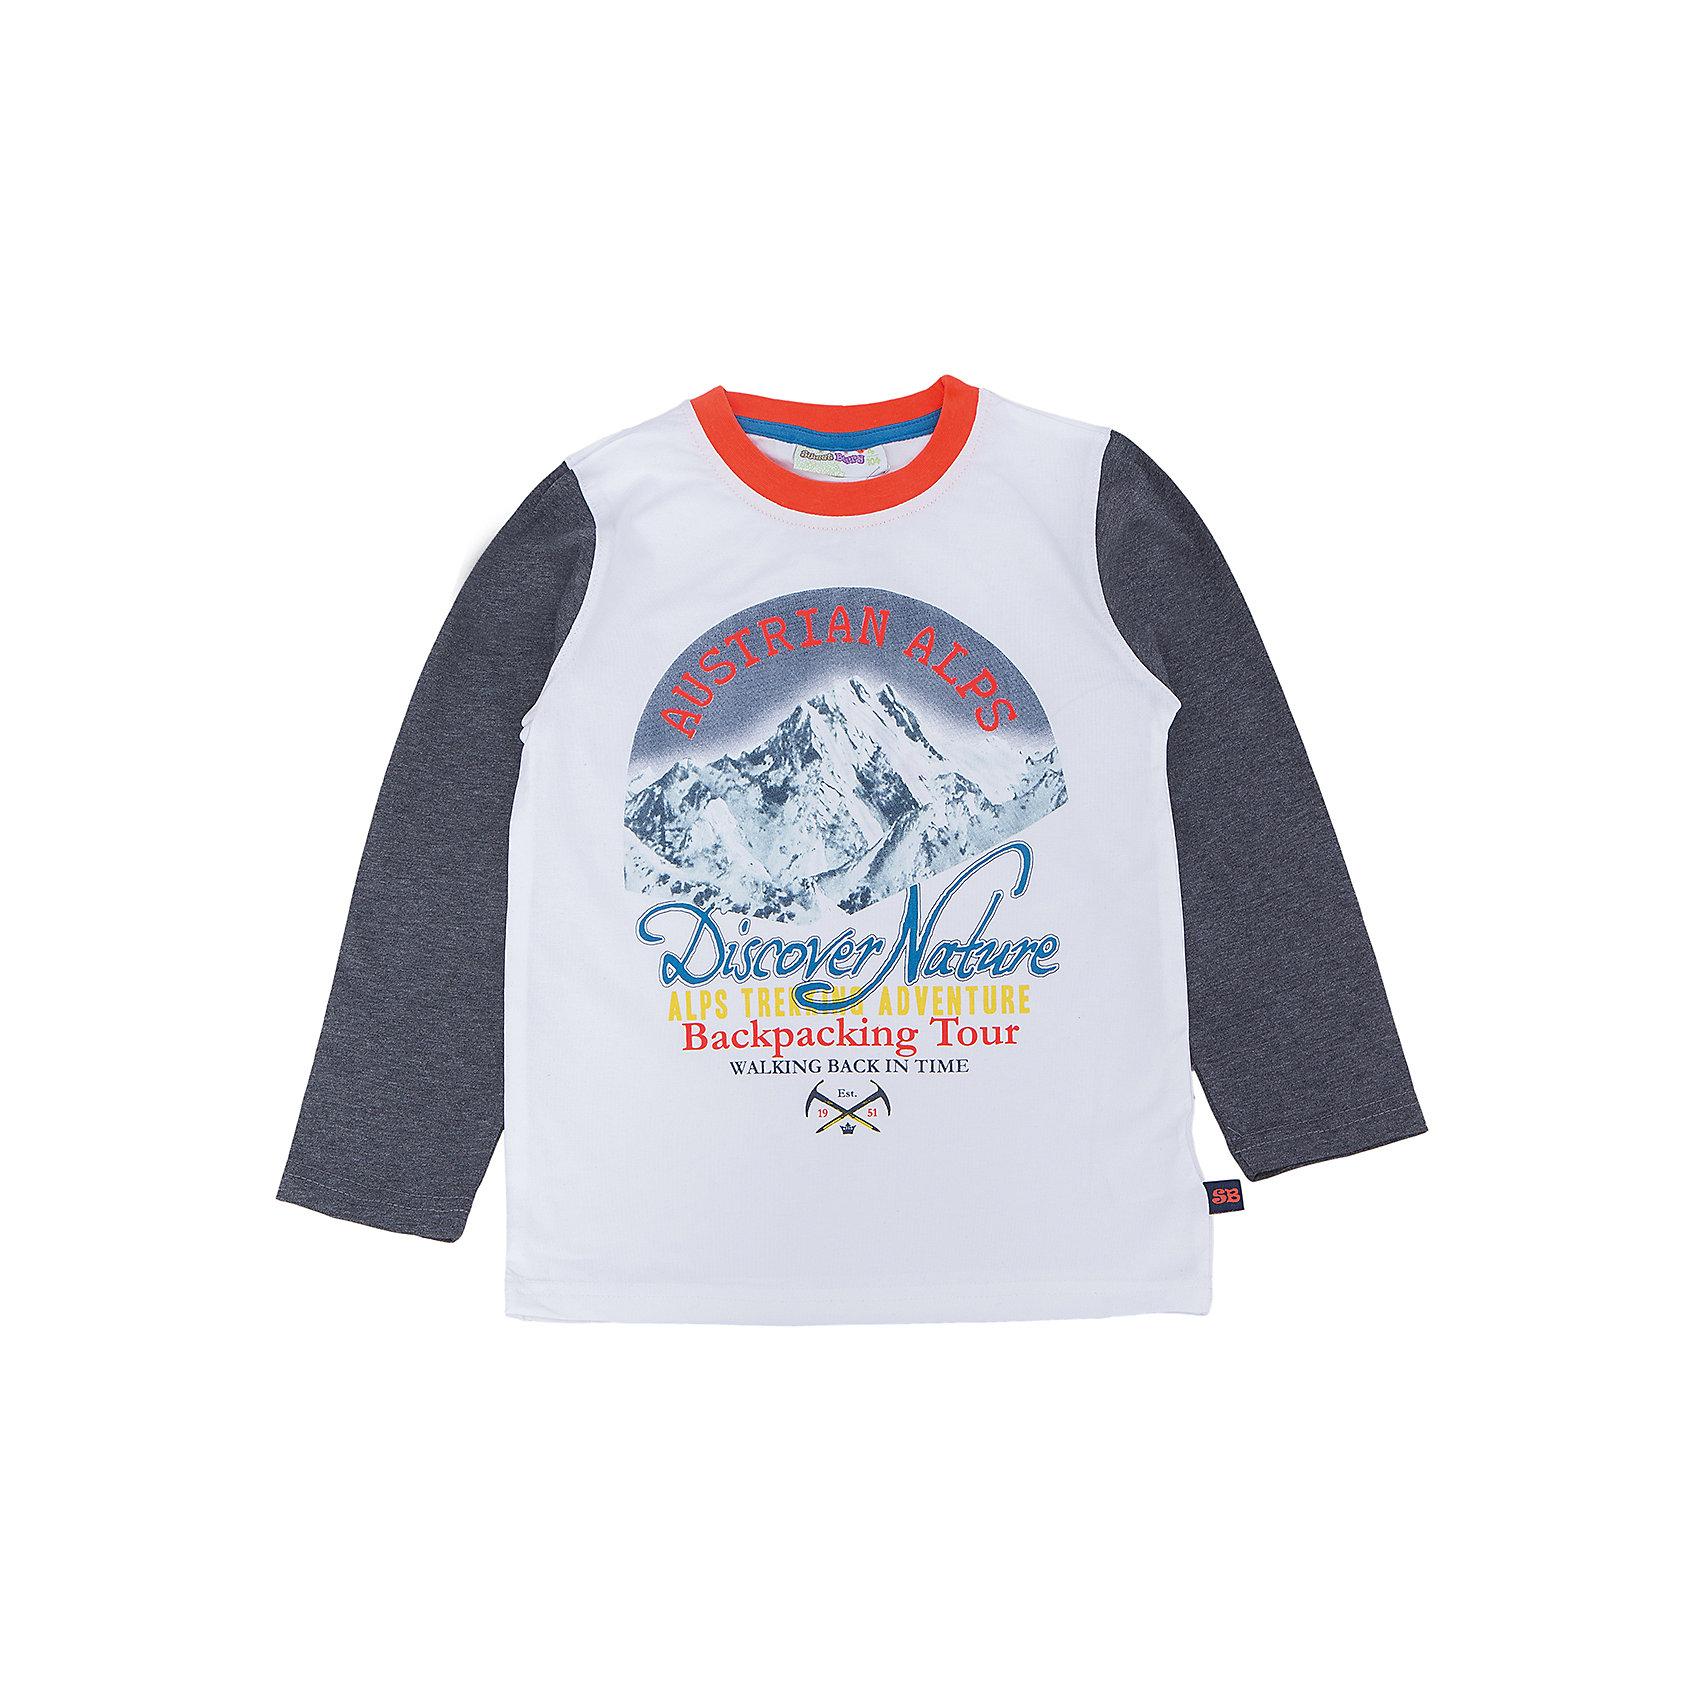 Футболка с длинным рукавом для мальчика Sweet BerryТакая футболка с длинным рукавом для мальчика отличается модным дизайном с ярким принтом. Удачный крой обеспечит ребенку комфорт и тепло. Горловина изделия обработана мягкой резинкой, поэтому вещь плотно прилегает к телу там, где нужно, и отлично сидит по фигуре.<br>Одежда от бренда Sweet Berry - это простой и выгодный способ одеть ребенка удобно и стильно. Всё изделия тщательно проработаны: швы - прочные, материал - качественный, фурнитура - подобранная специально для детей. <br><br>Дополнительная информация:<br><br>цвет: белый;<br>материал: 95% хлопок, 5% эластан;<br>декорирована принтом.<br><br>Футболку с длинным рукавом для мальчика от бренда Sweet Berry можно купить в нашем интернет-магазине.<br><br>Ширина мм: 230<br>Глубина мм: 40<br>Высота мм: 220<br>Вес г: 250<br>Цвет: белый<br>Возраст от месяцев: 24<br>Возраст до месяцев: 36<br>Пол: Мужской<br>Возраст: Детский<br>Размер: 98,104,110,116,122,128<br>SKU: 4930529